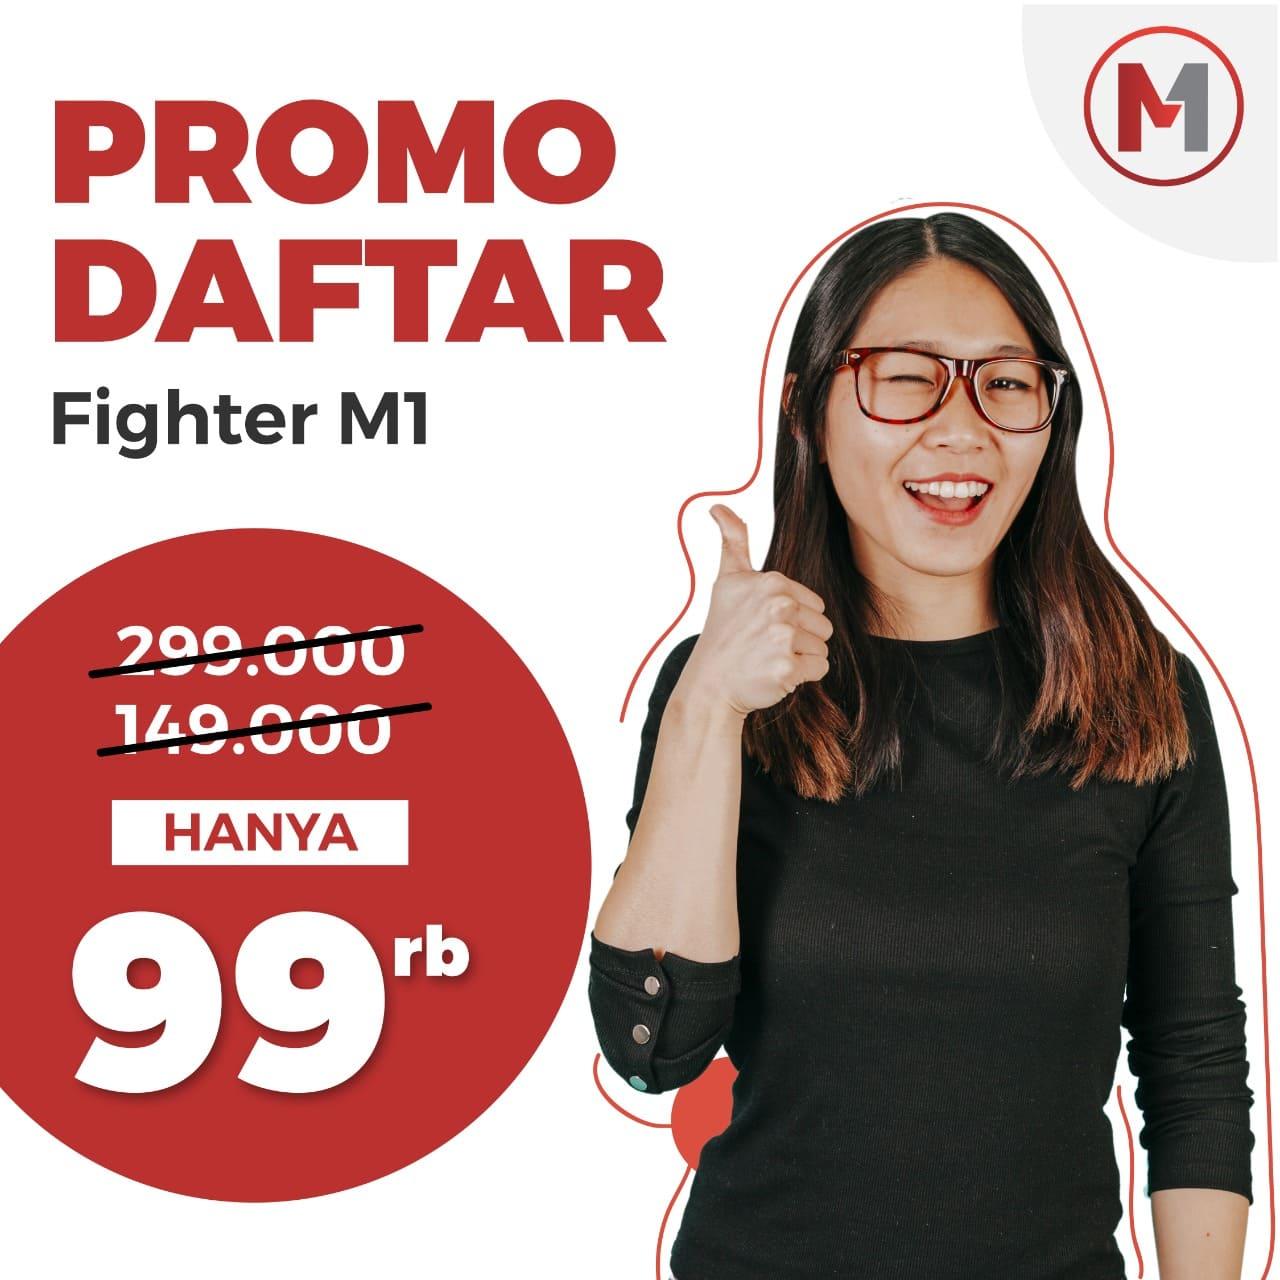 Harga Promo untuk mendaftar menjadi Fighter M1 (Reseller) hanya 99rb